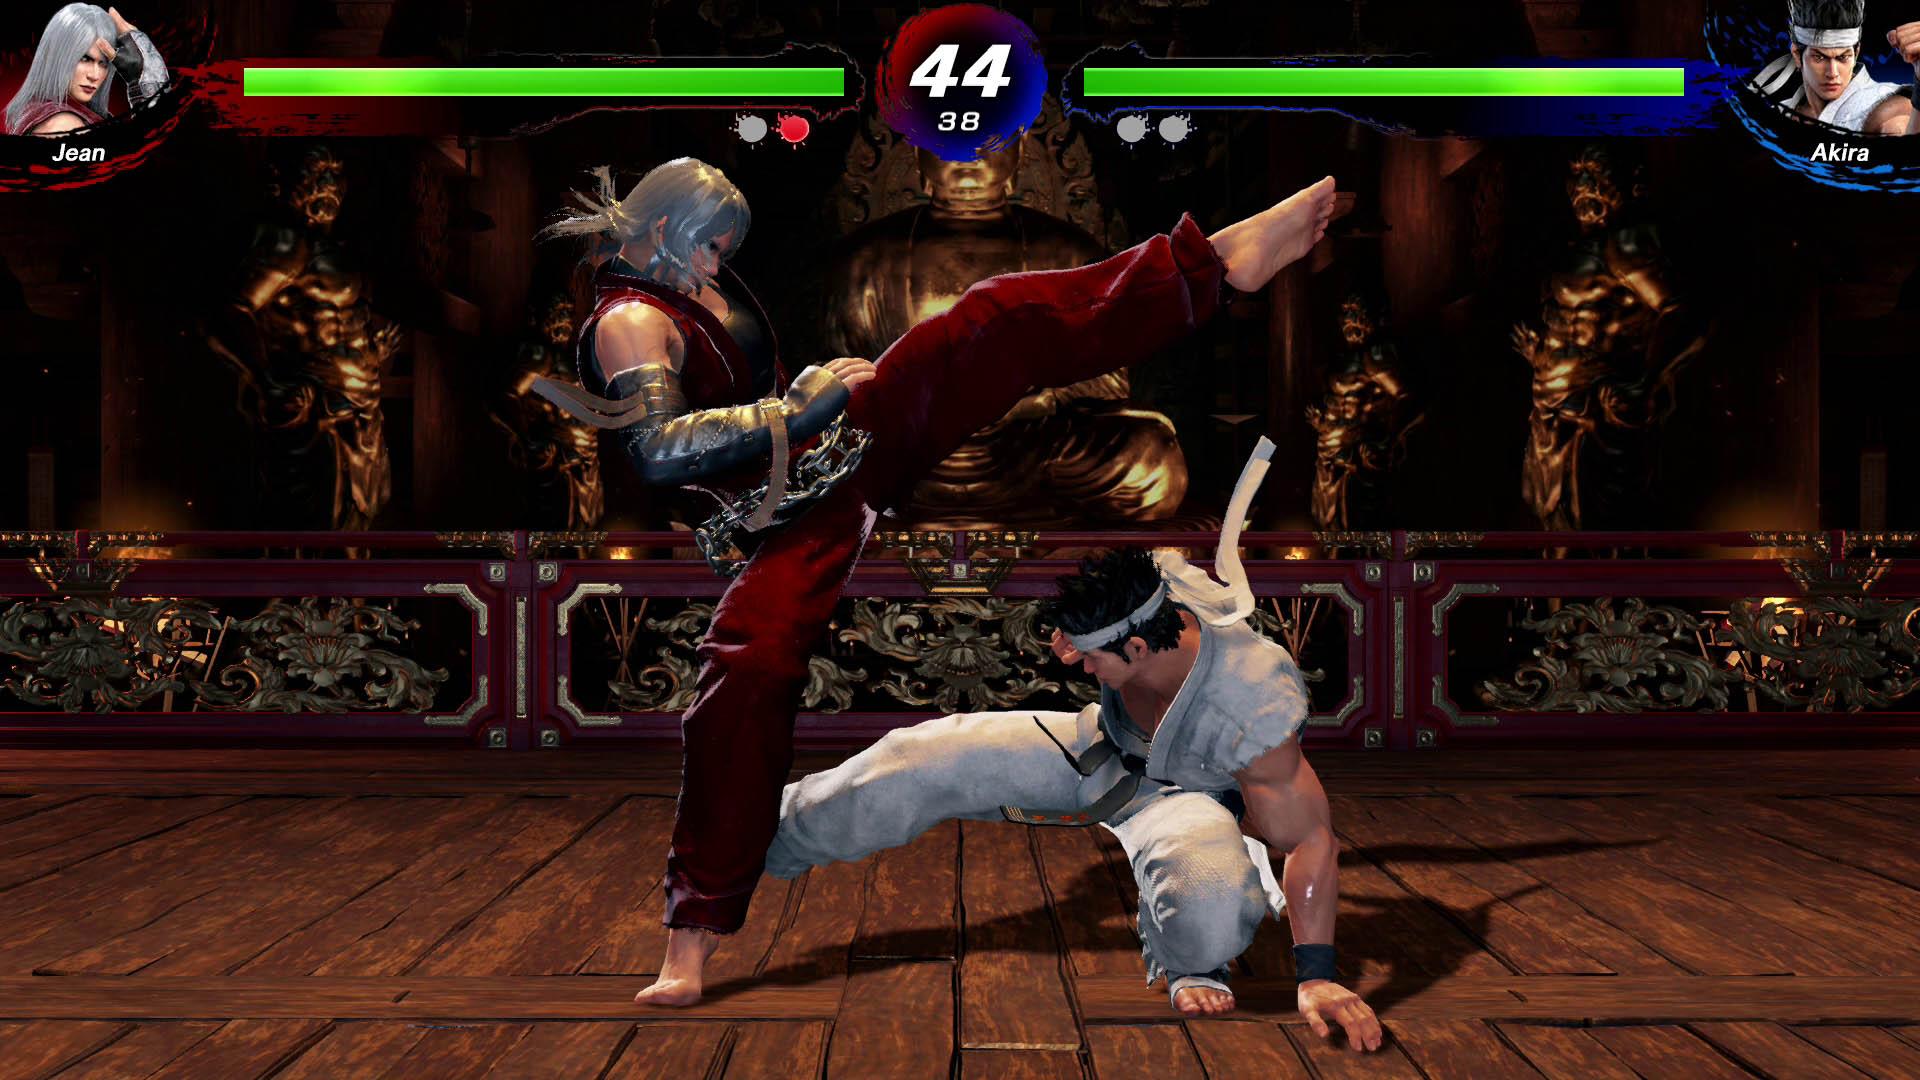 Virtua Fighter 5 Ultimate Showdown Akira